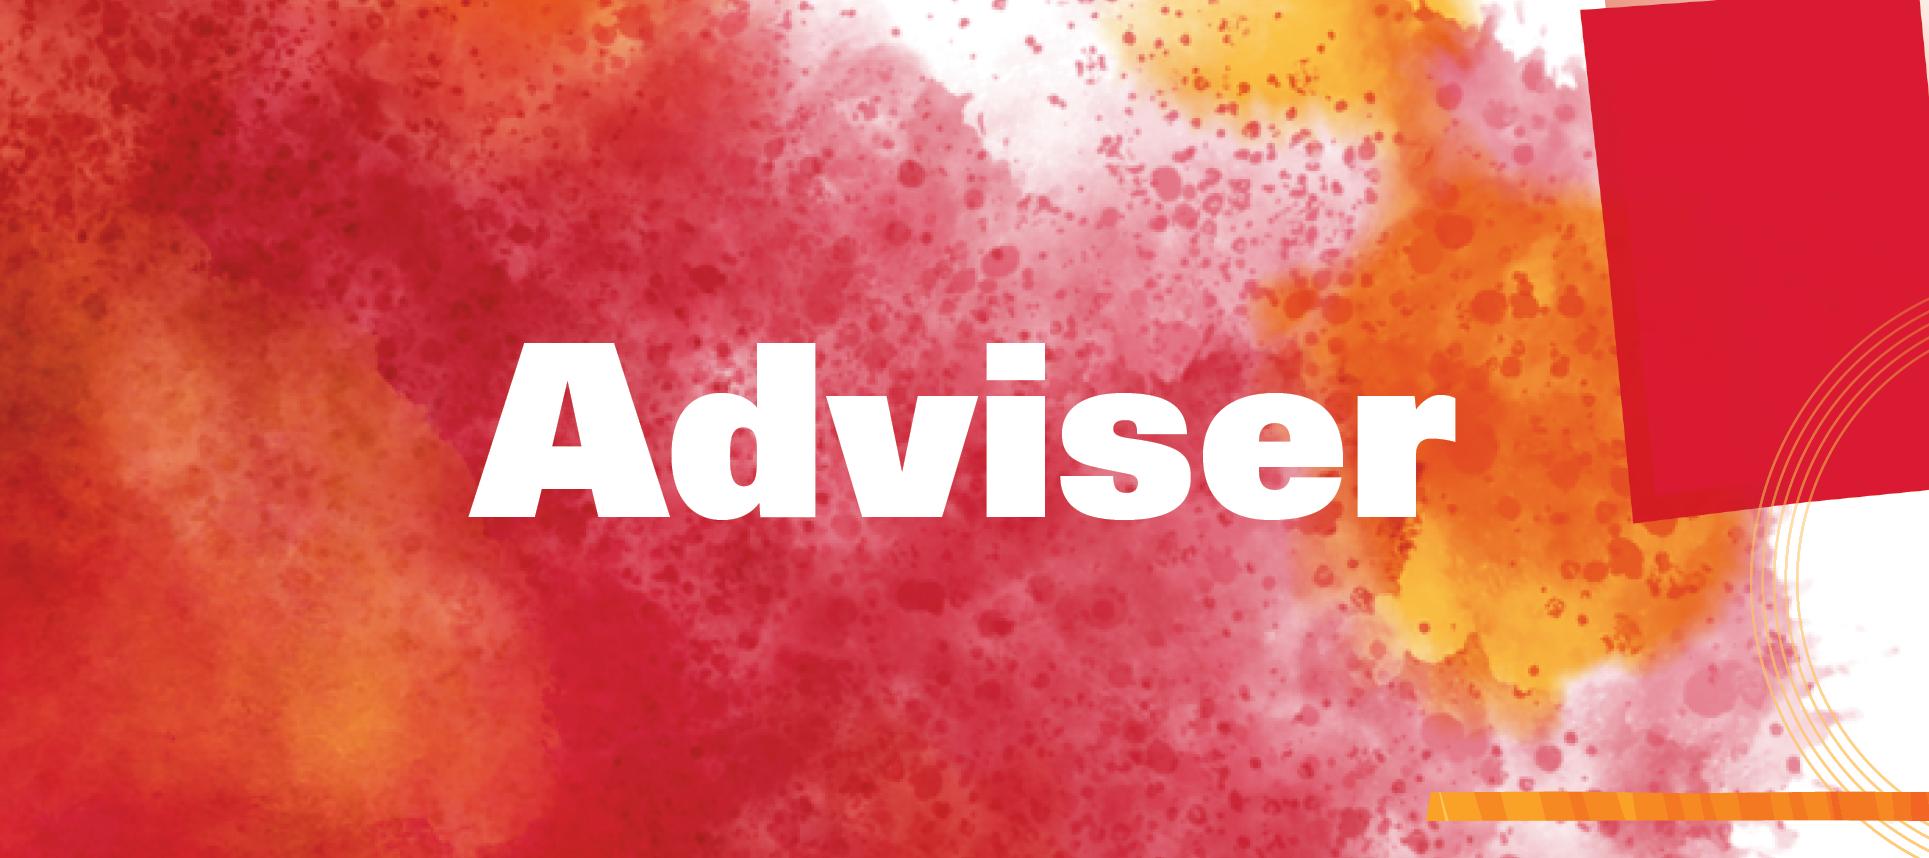 Adviser